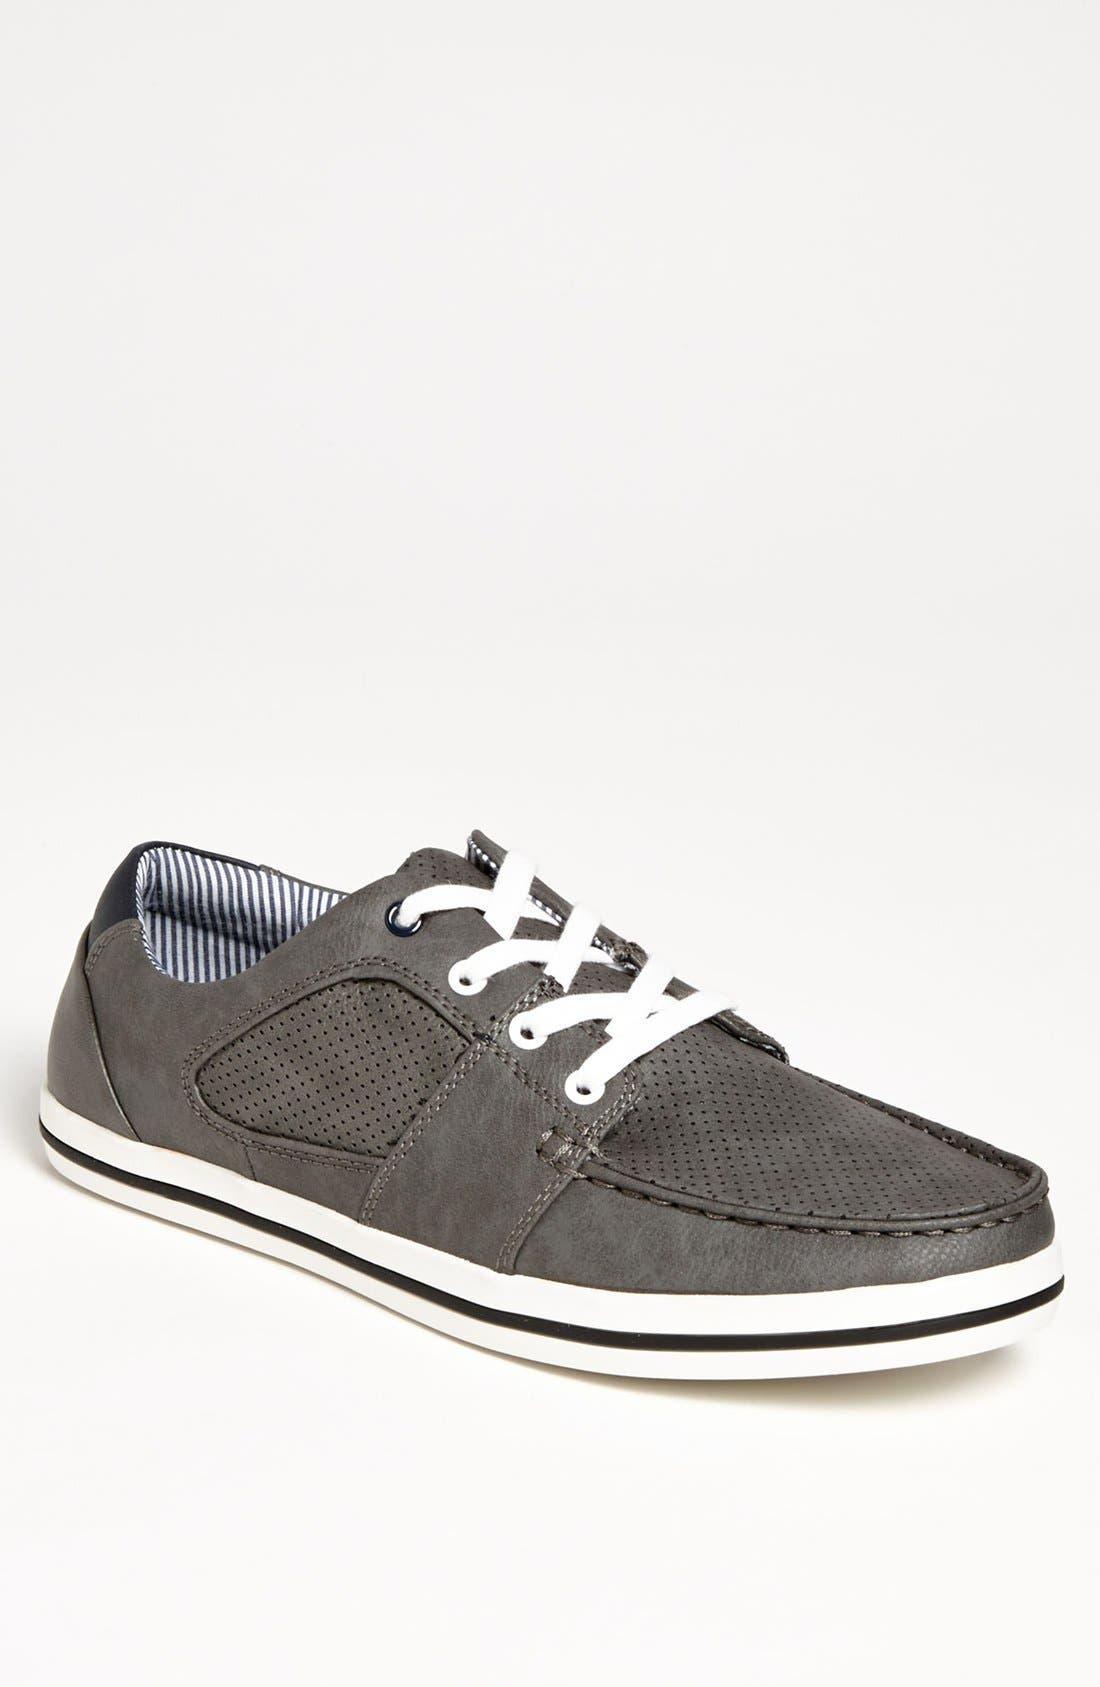 Alternate Image 1 Selected - ALDO 'Grucinan' Sneaker